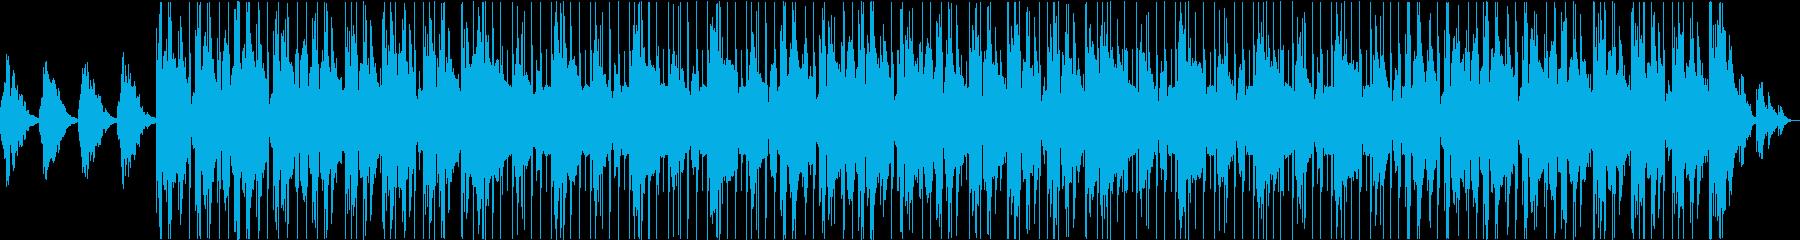 深いリバーブとギターのアンビエントビートの再生済みの波形